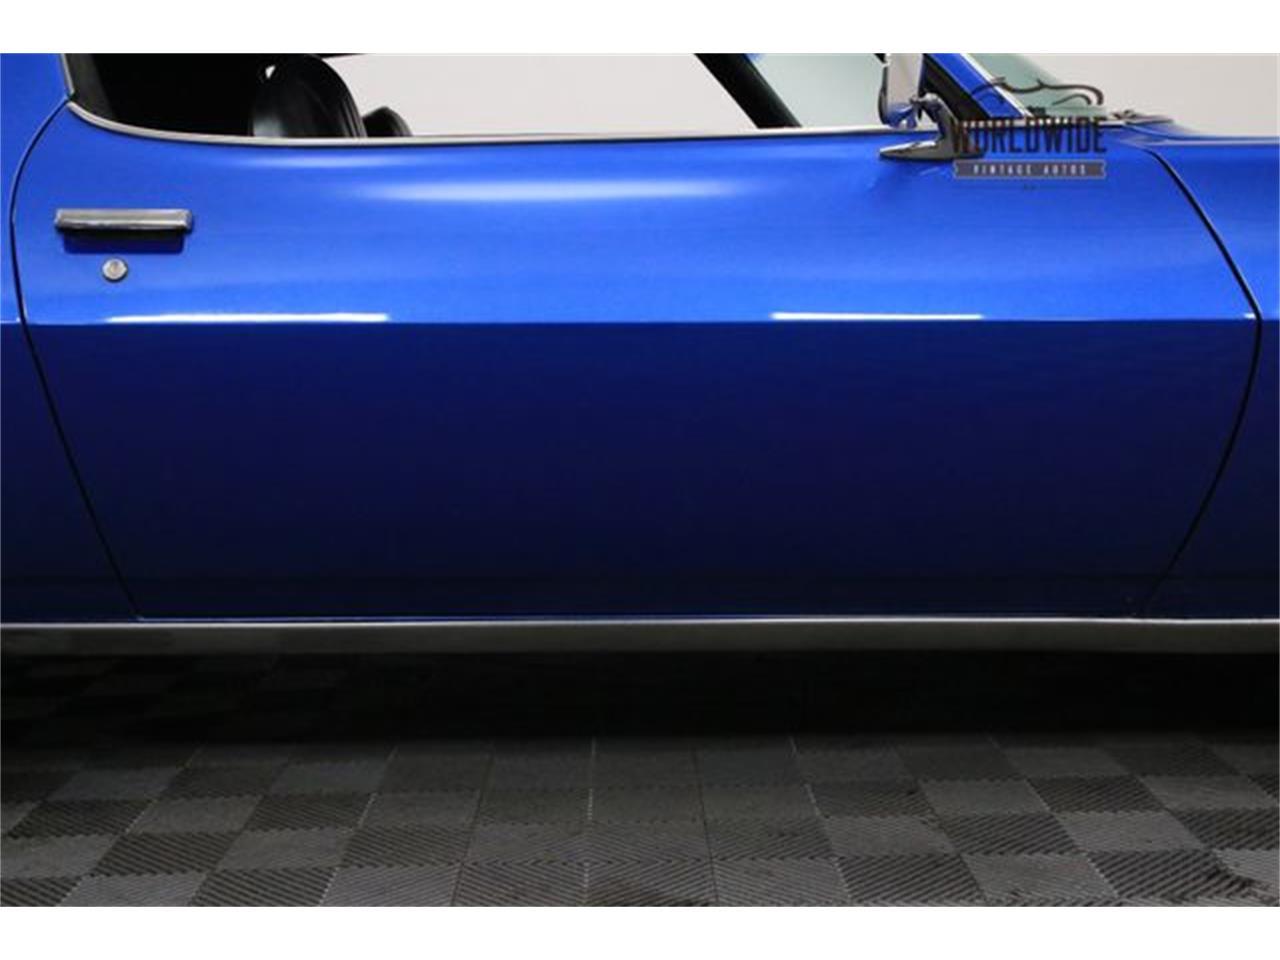 Large Picture of 1971 Camaro located in Colorado - $19,900.00 - M6UI